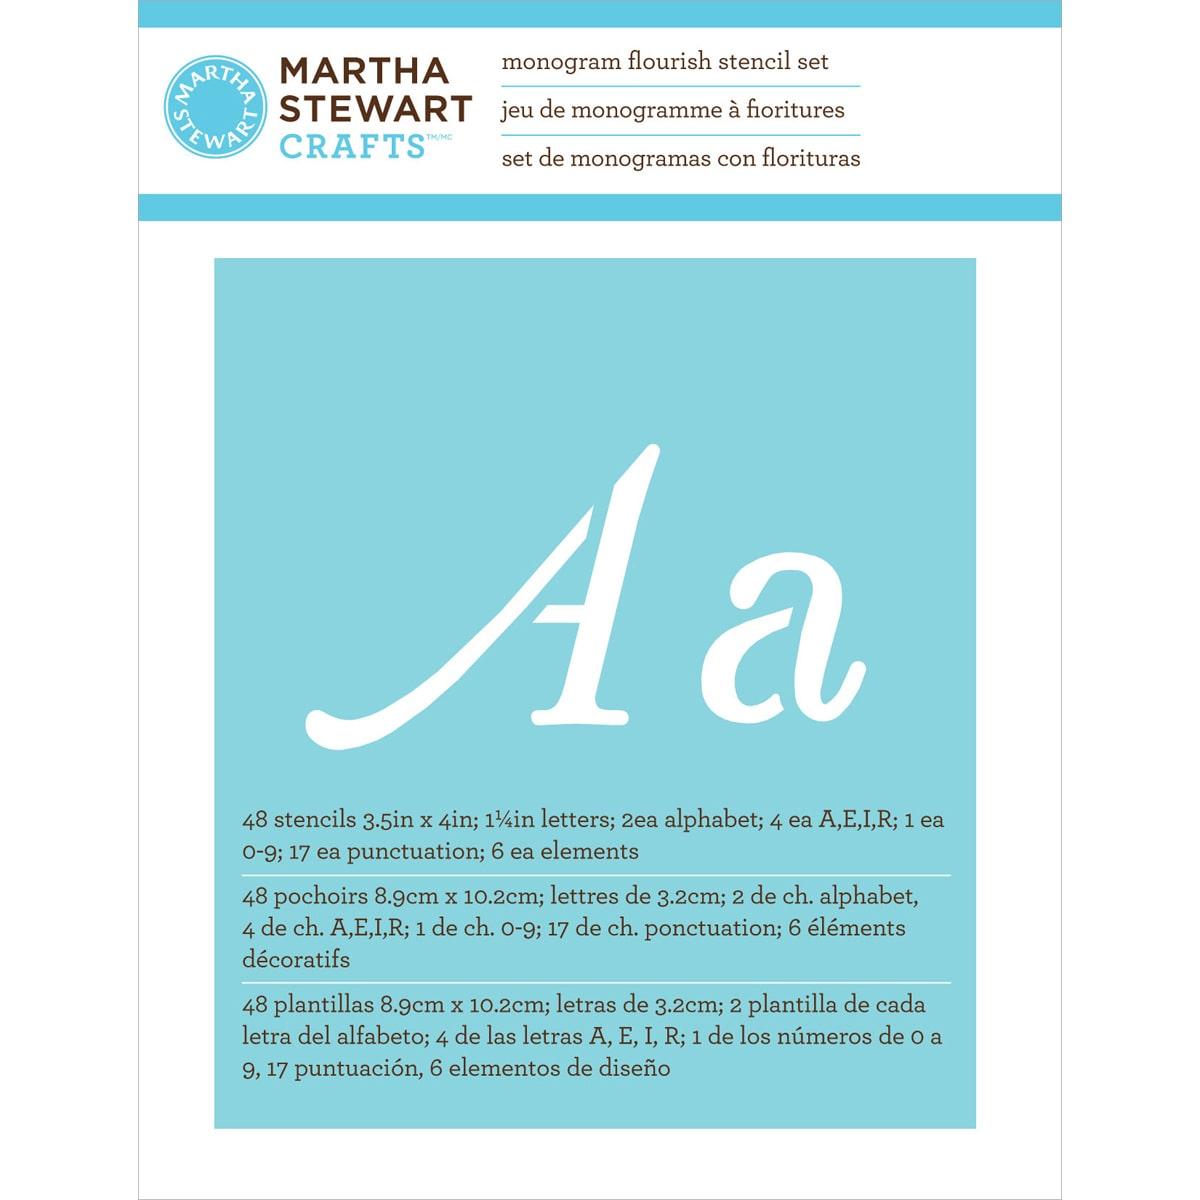 Martha stewart paper stencils 3 12x4 48 sheetspkg monogram martha stewart paper stencils 3 12x4 48 sheetspkg monogram flourish walmart spiritdancerdesigns Images